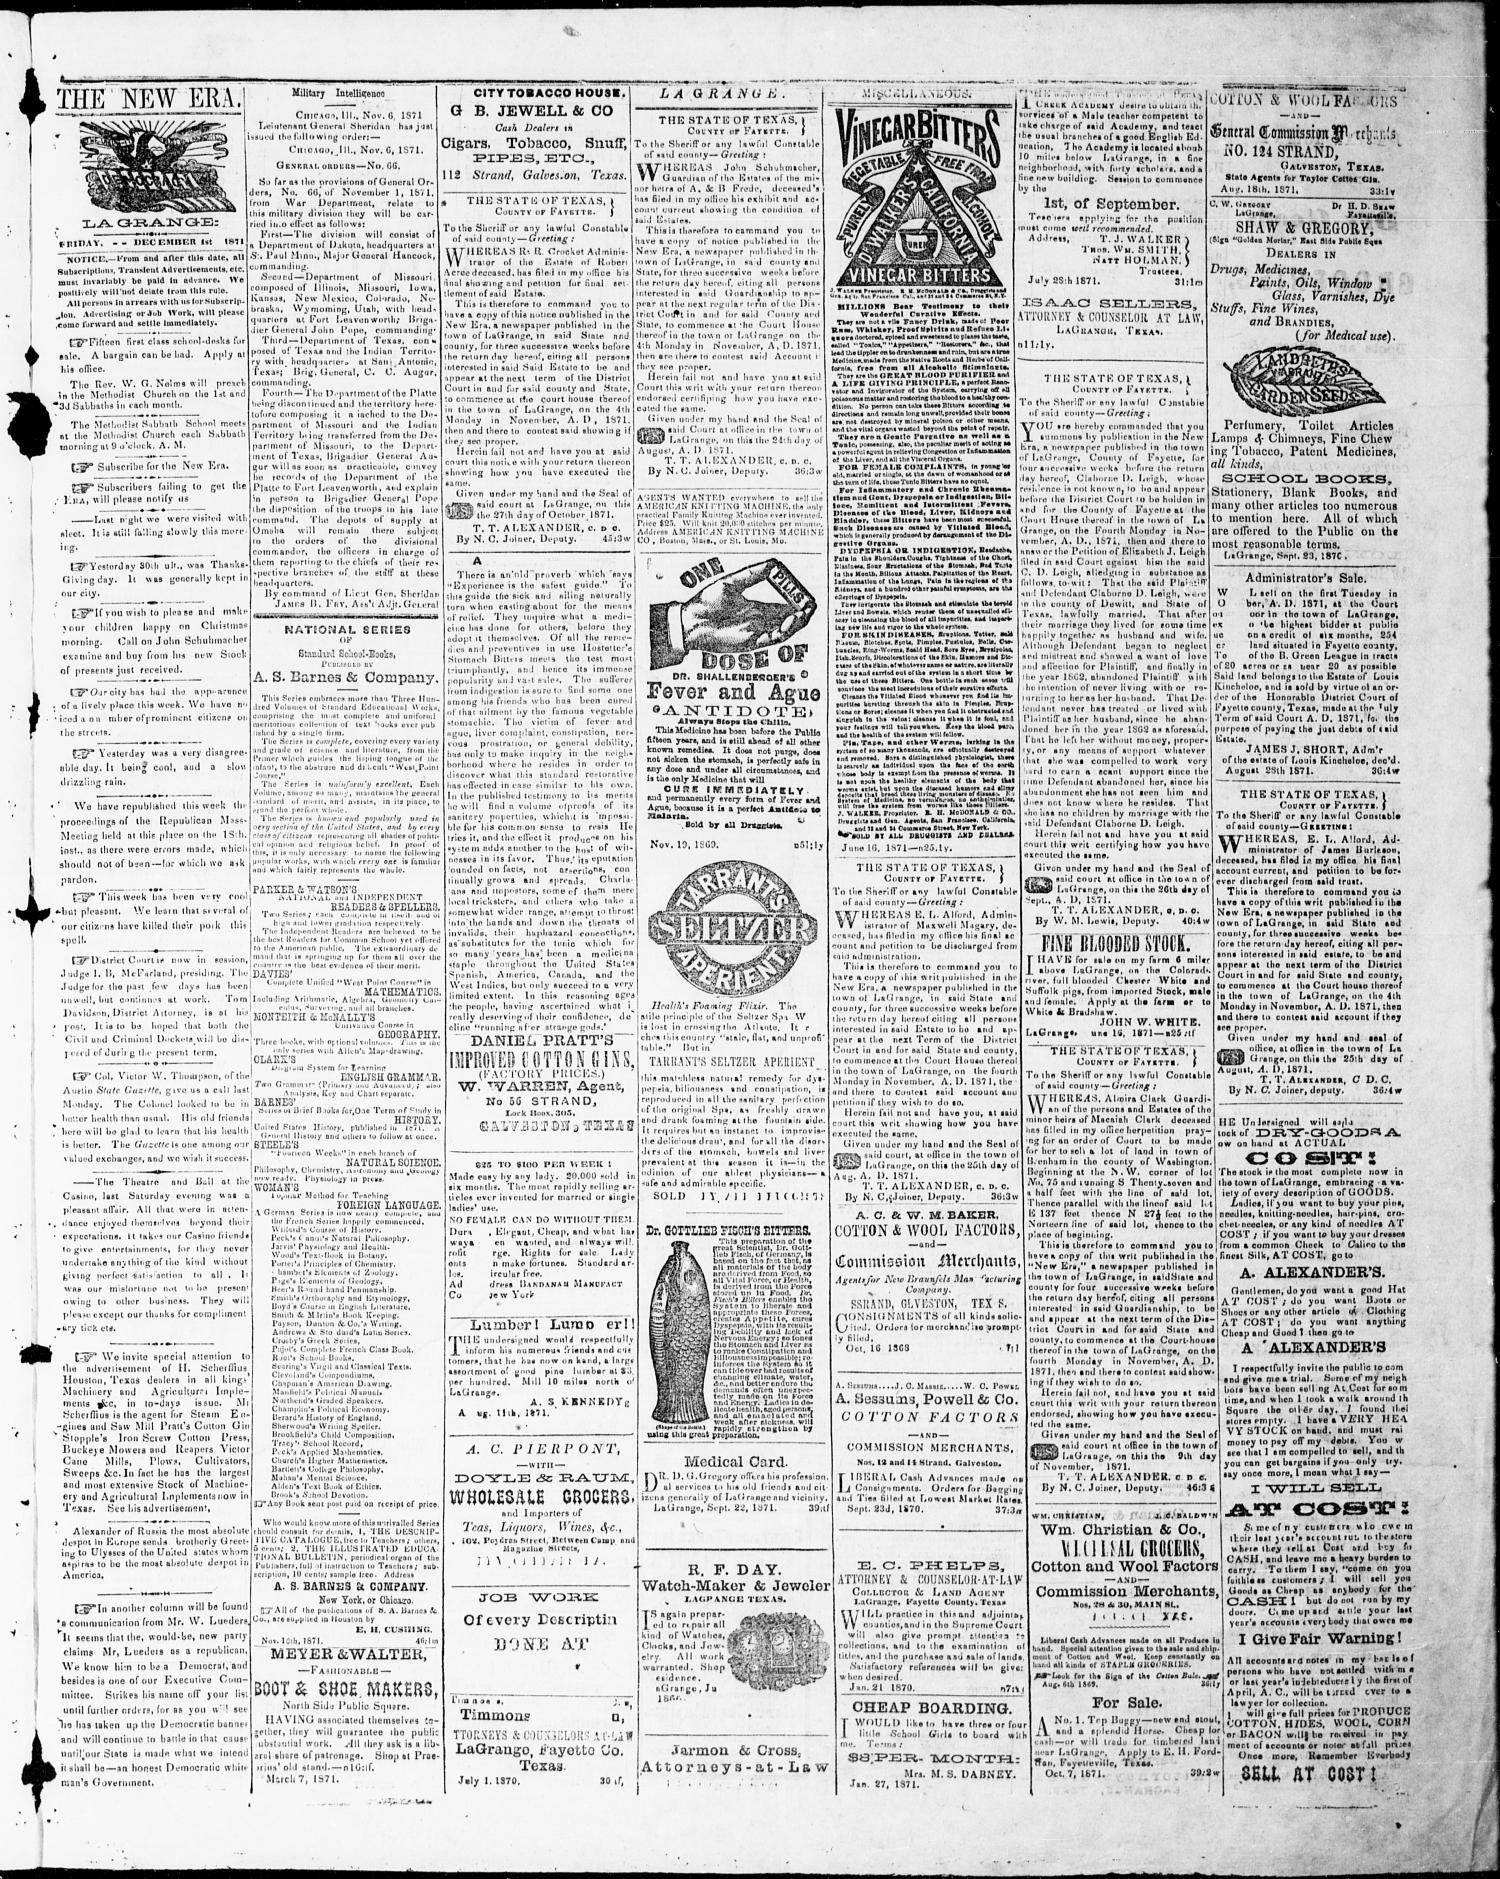 La Grange New Era (La Grange, Tex.), Vol. 6, No. 49, Ed. 1, Friday, December 1, 1871